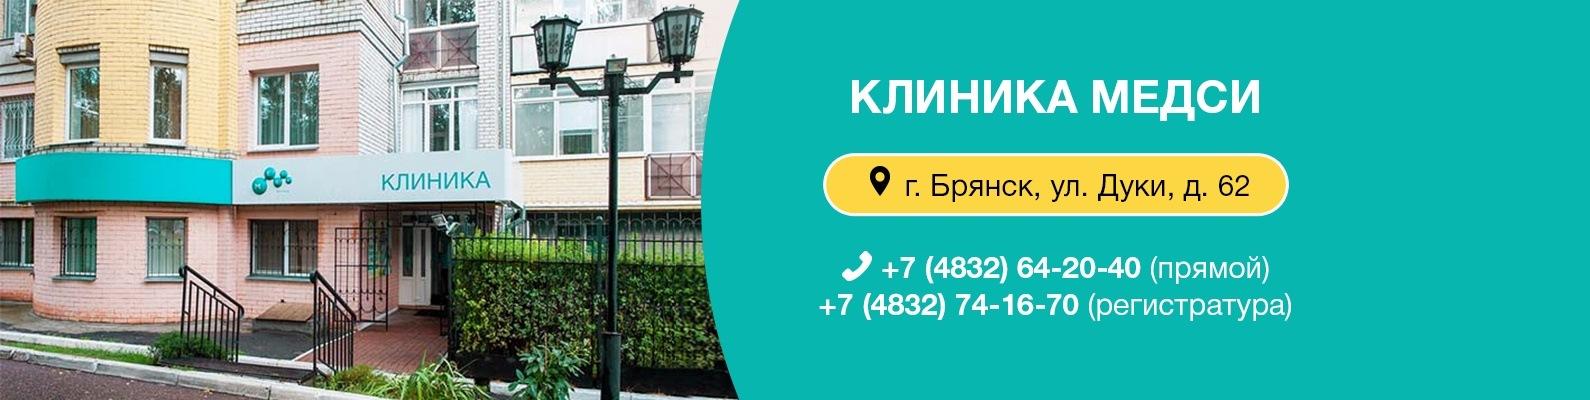 Купить больничный лист в Москве Тимирязевский официально люблино